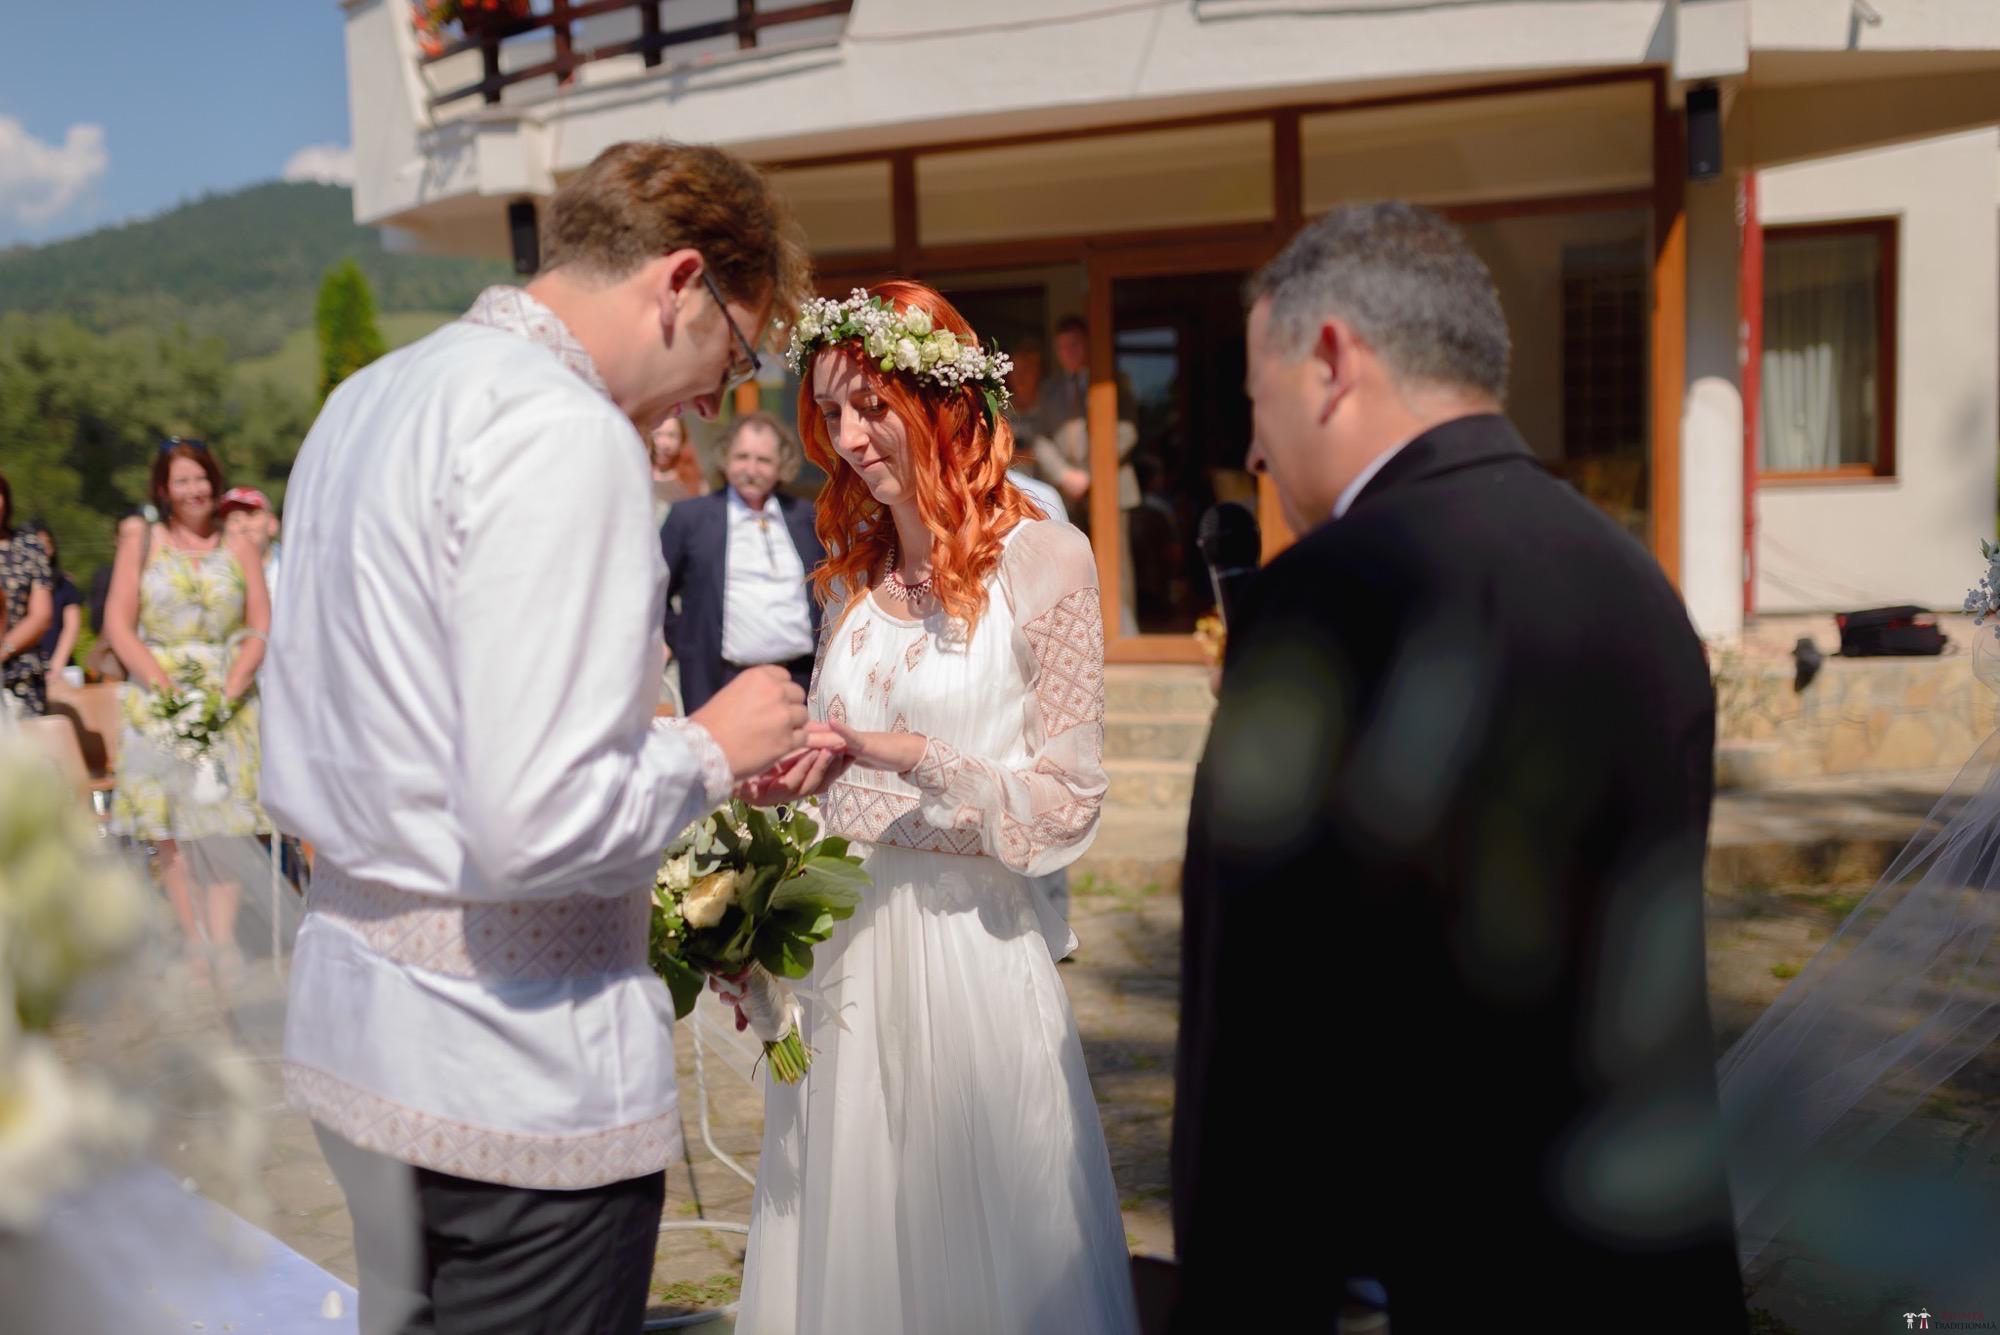 Povești Nunți Tradiționale - Aurelian și Sonia. Nuntă tradițională în Câmpulung Moldovenesc 13